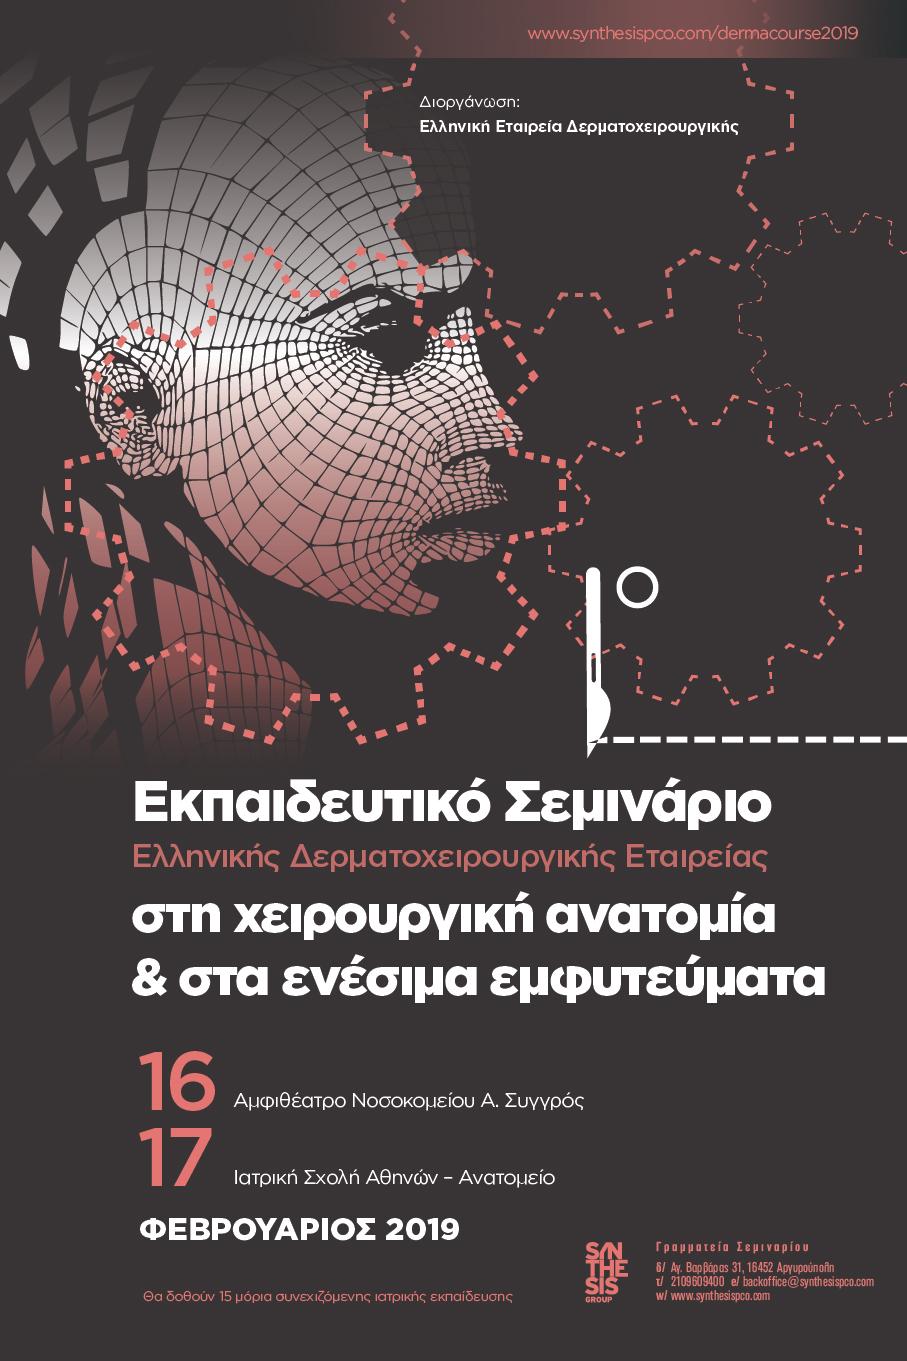 1ο Εκπαιδευτικό Σεμινάριο Ελληνικής Δερματοχειρουργικής Εταιρείας στη Χειρουργική Ανατομία & στα Ενέσιμα Εμφυτευματα